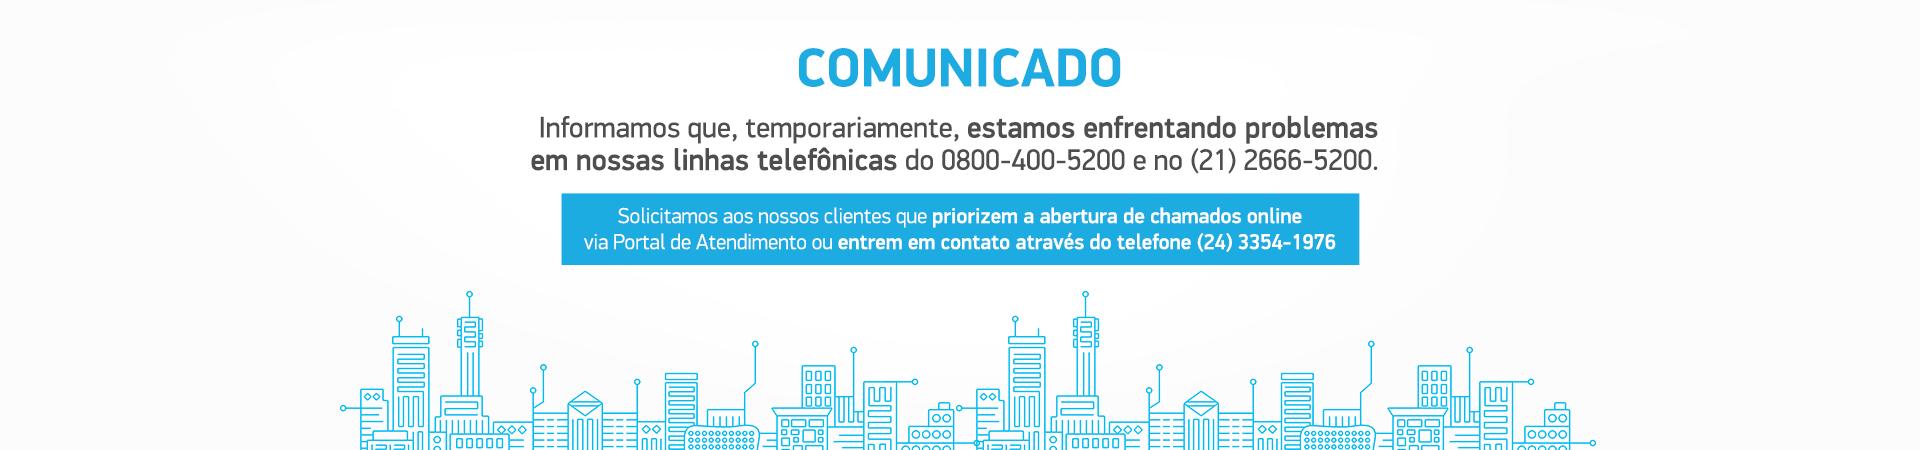 Banner_Comunicado_2